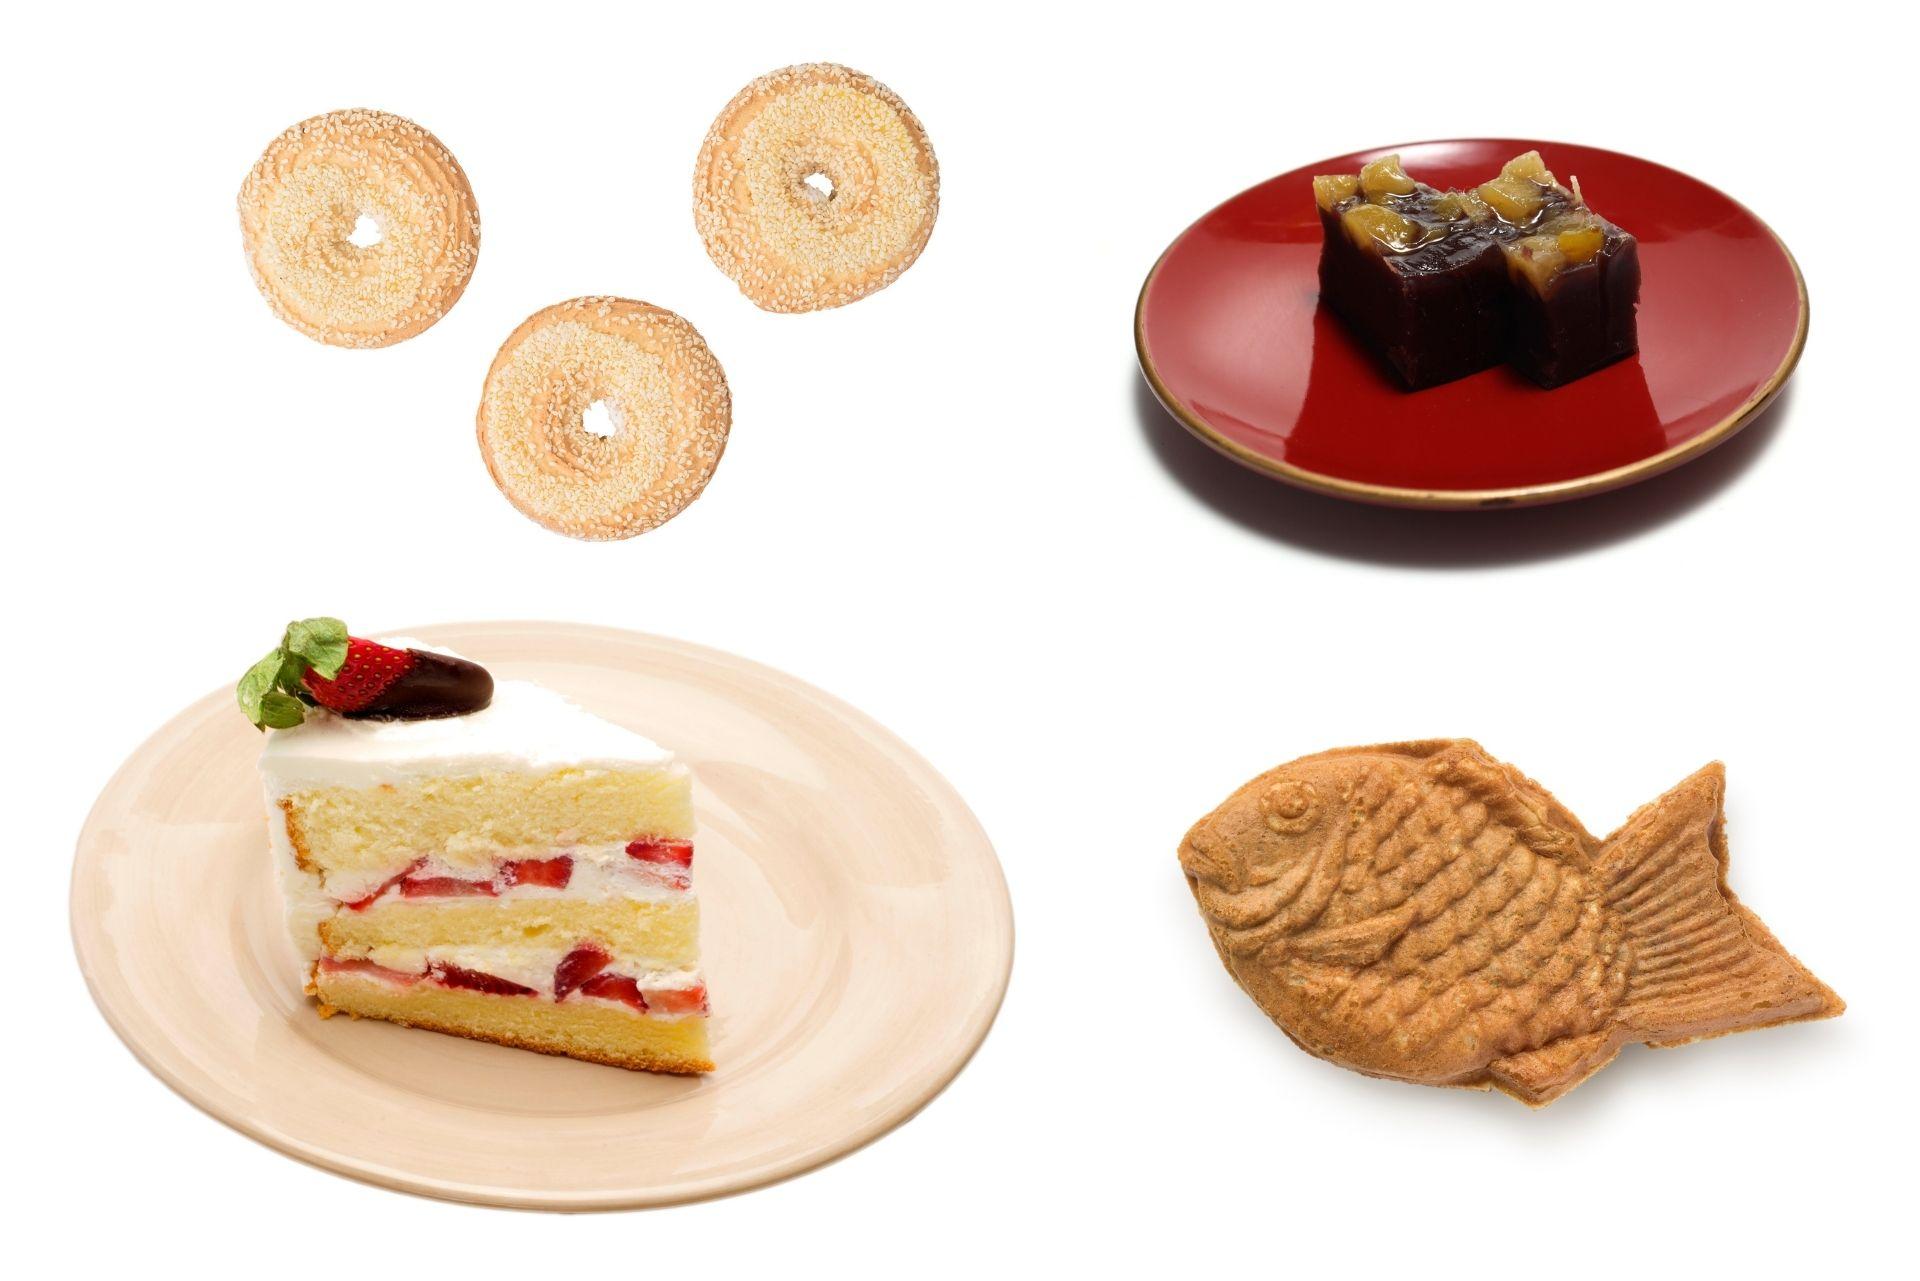 和菓子と洋菓子、どっちが太りやすい?トレーナーが解説